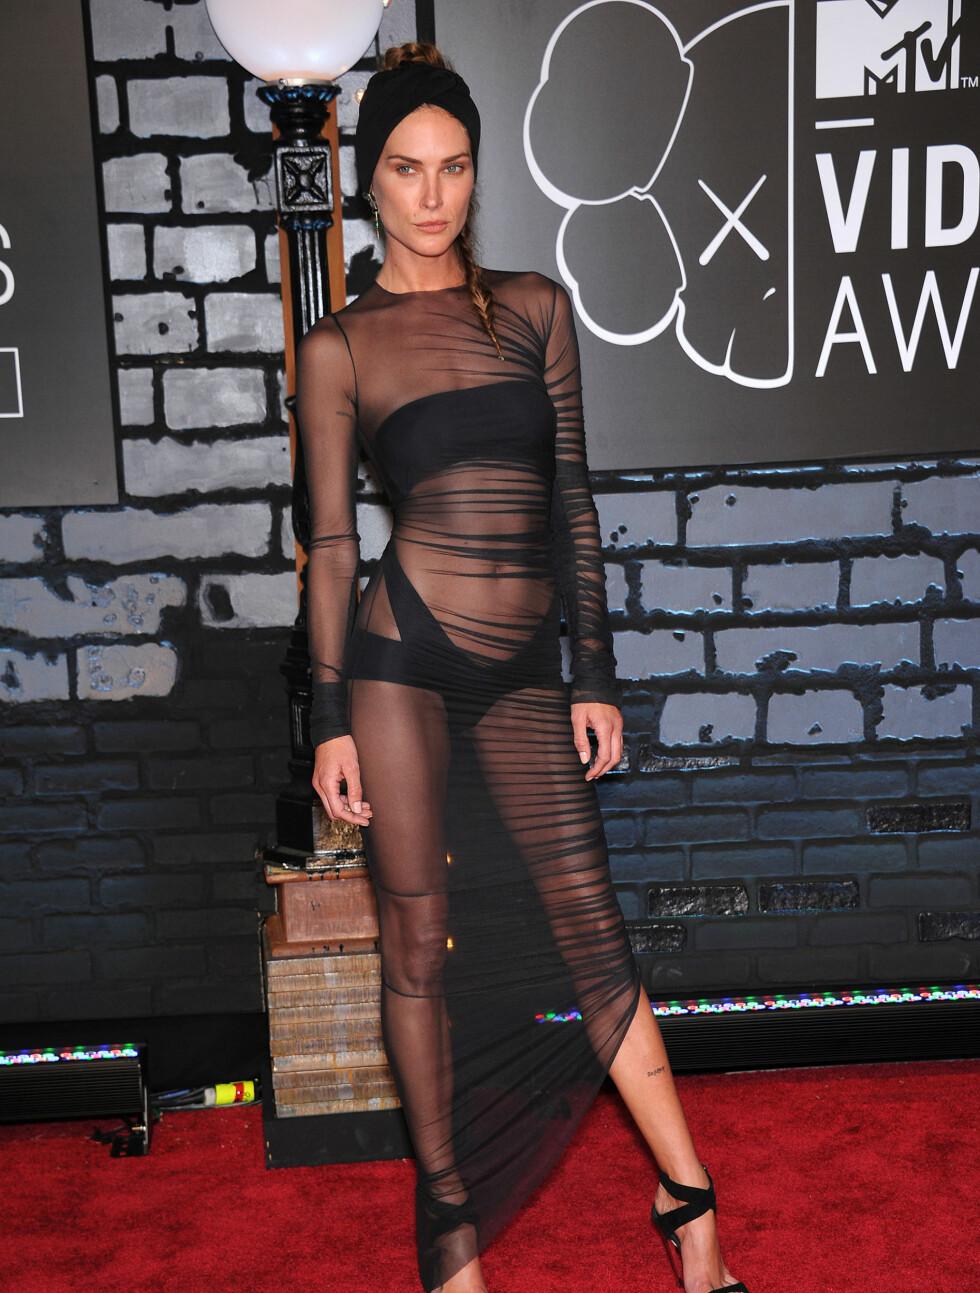 MTV MUSIC VIDEO AWARDS 2013: Den veldreide modellen Erin Wasson hadde kveldens mest avslørende antrekk. Foto: Lisa OConnor / Splash News/ All Over Press